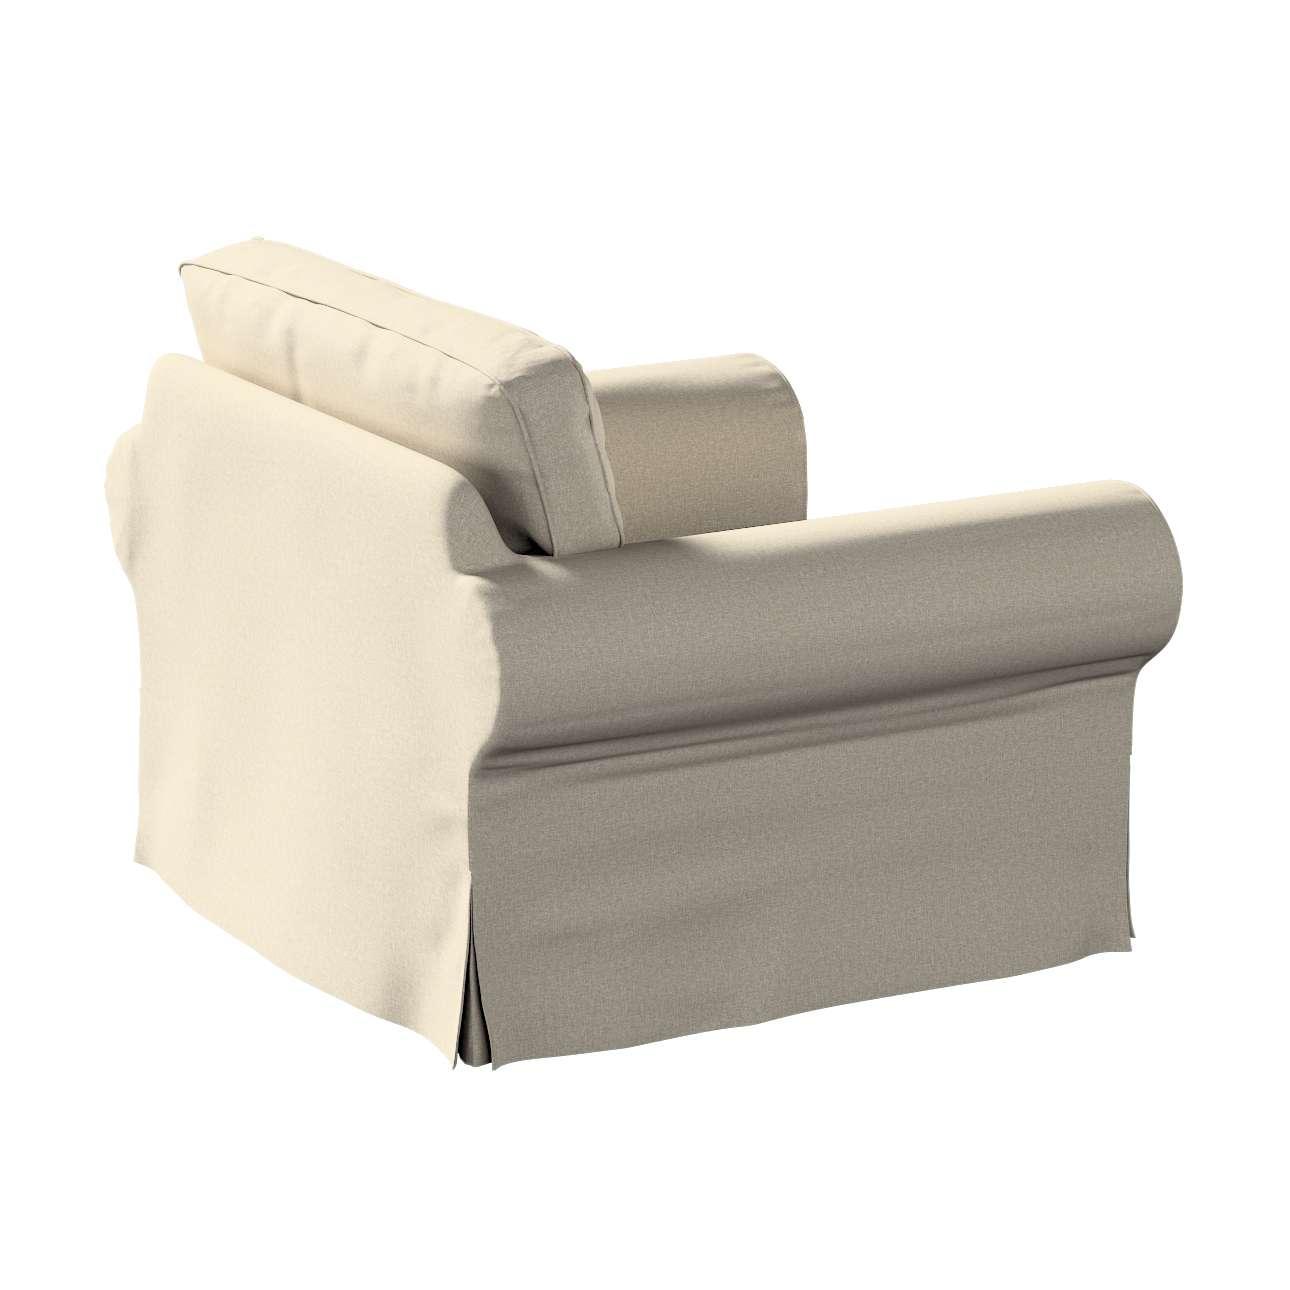 Pokrowiec na fotel Ektorp w kolekcji Amsterdam, tkanina: 704-52